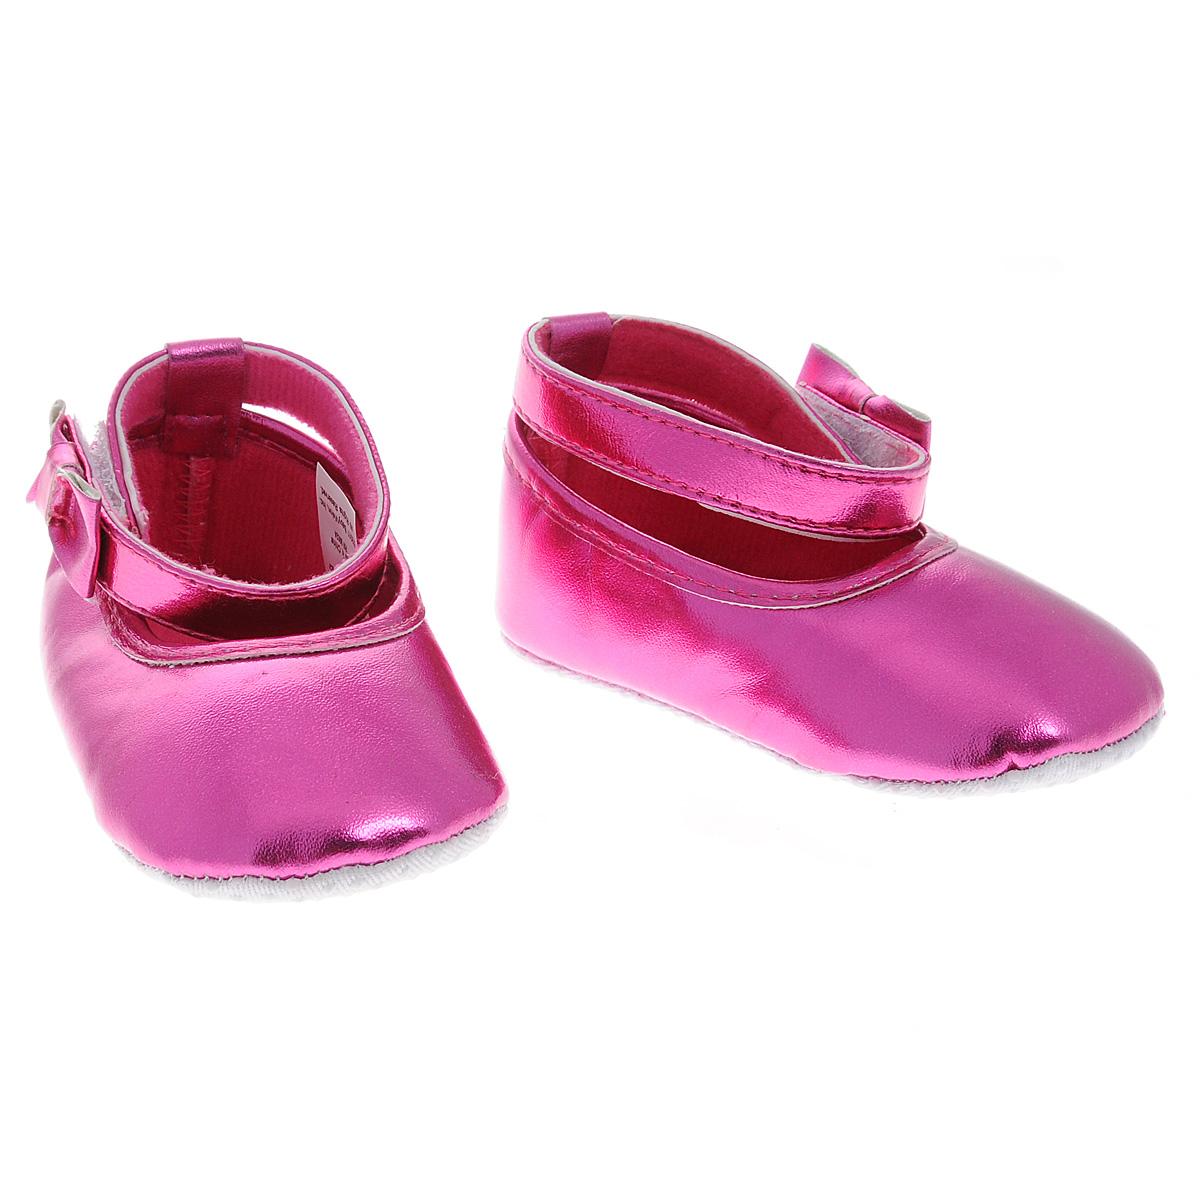 Пинетки11153Оригинальные детские пинетки для девочки Luvable Friends, стилизованные под Балетки - это легкая и удобная обувь для малышей. Удобная застежка на липучке сбоку, декорированная очаровательным бантиком и надежно фиксирующая пинетки на ножке малышки, мягкие, не сдавливающие ножку материалы делают модель практичной и популярной. Стопа оформлена прорезиненным рельефным рисунком, благодаря которому ребенок не будет скользить. Такие пинетки - отличное решение для малышей и их родителей!